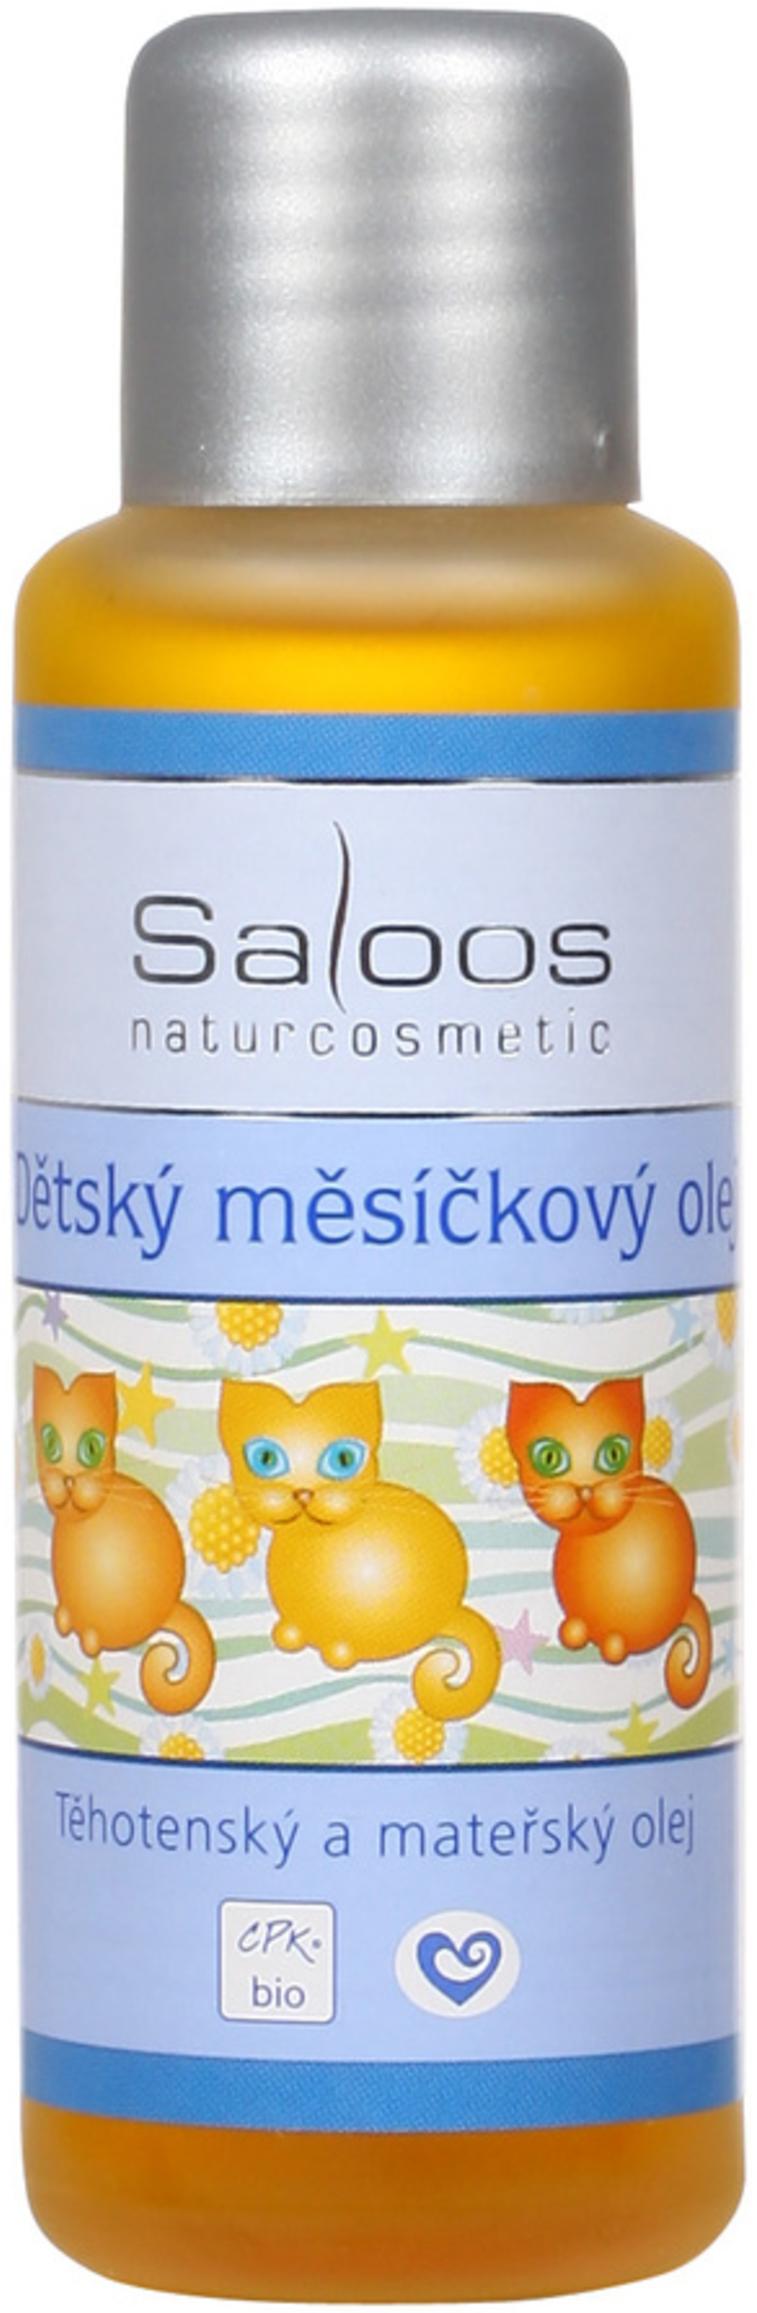 Fotografie Saloos Bio Dětský měsíčkový olej 50 ml